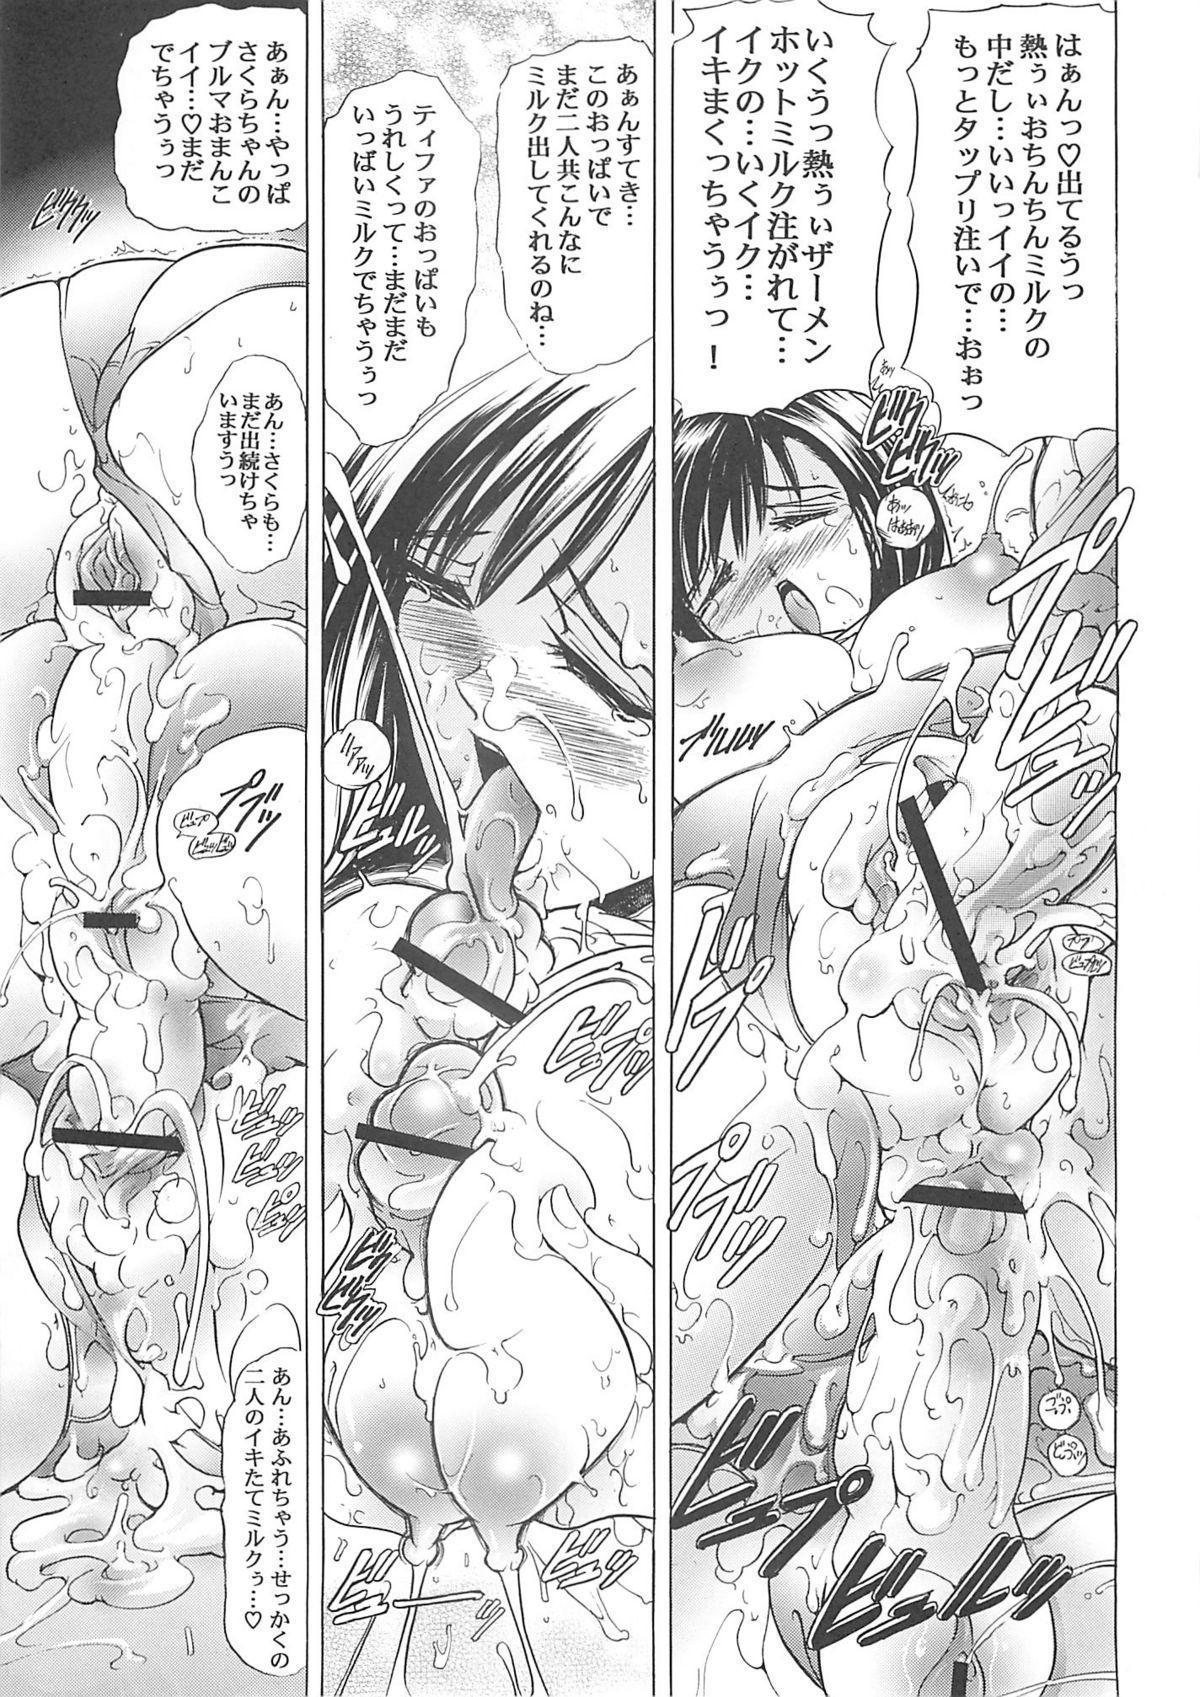 (C65) [Kawaraya Honpo (Kawaraya A-ta)] Hana - Maki no Nana - Hibana (Dead or Alive, Final Fantasy VII, Street Fighter) 19